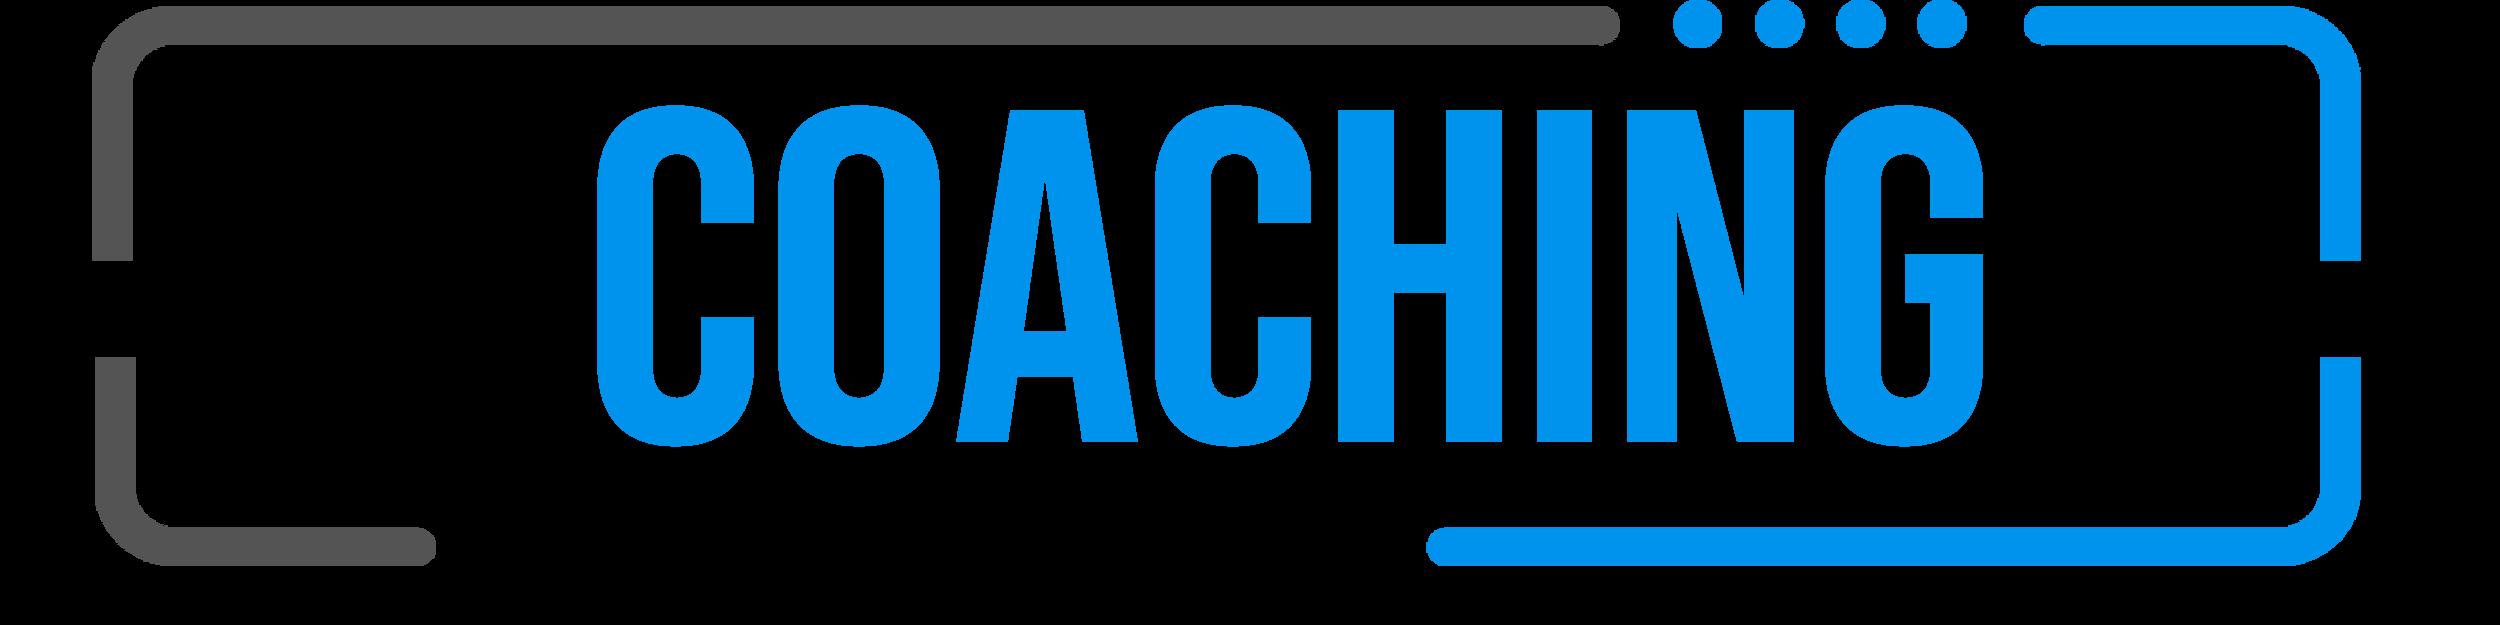 coachingtitle.png